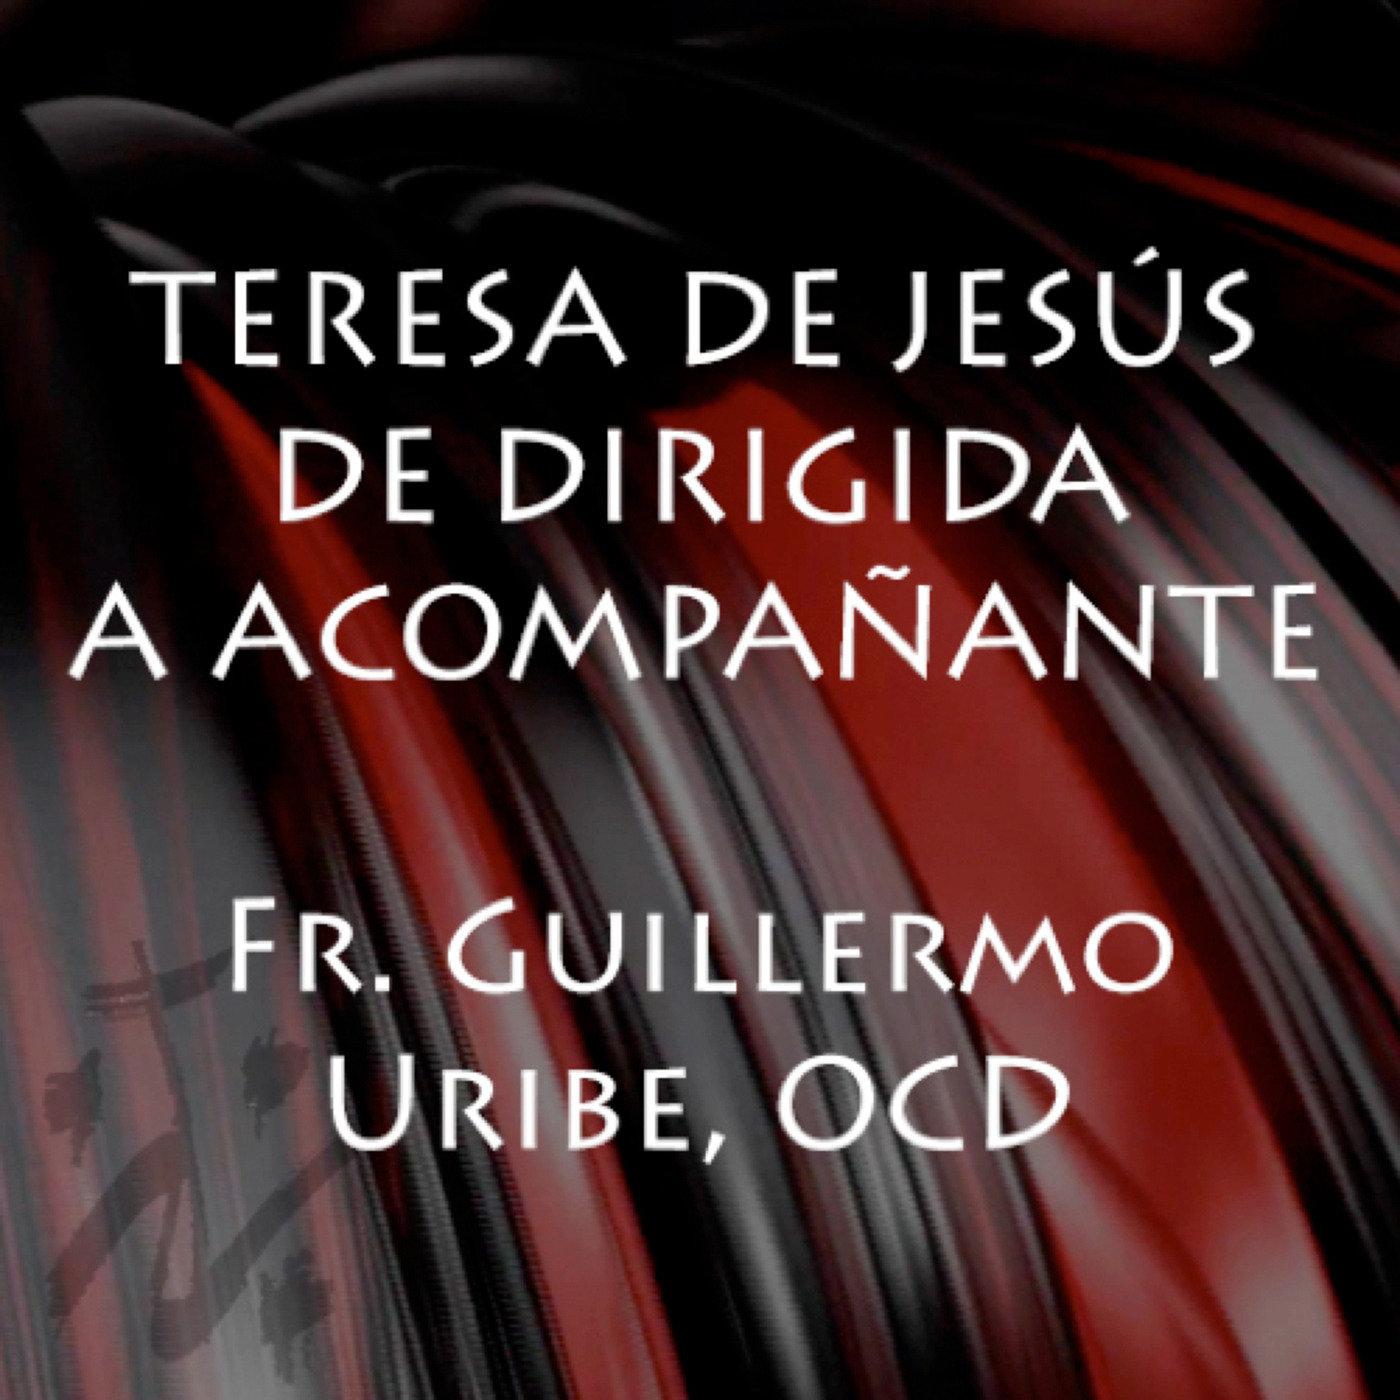 <![CDATA[Teresa de Jesús, de dirigida a acompañante - Guill]]>